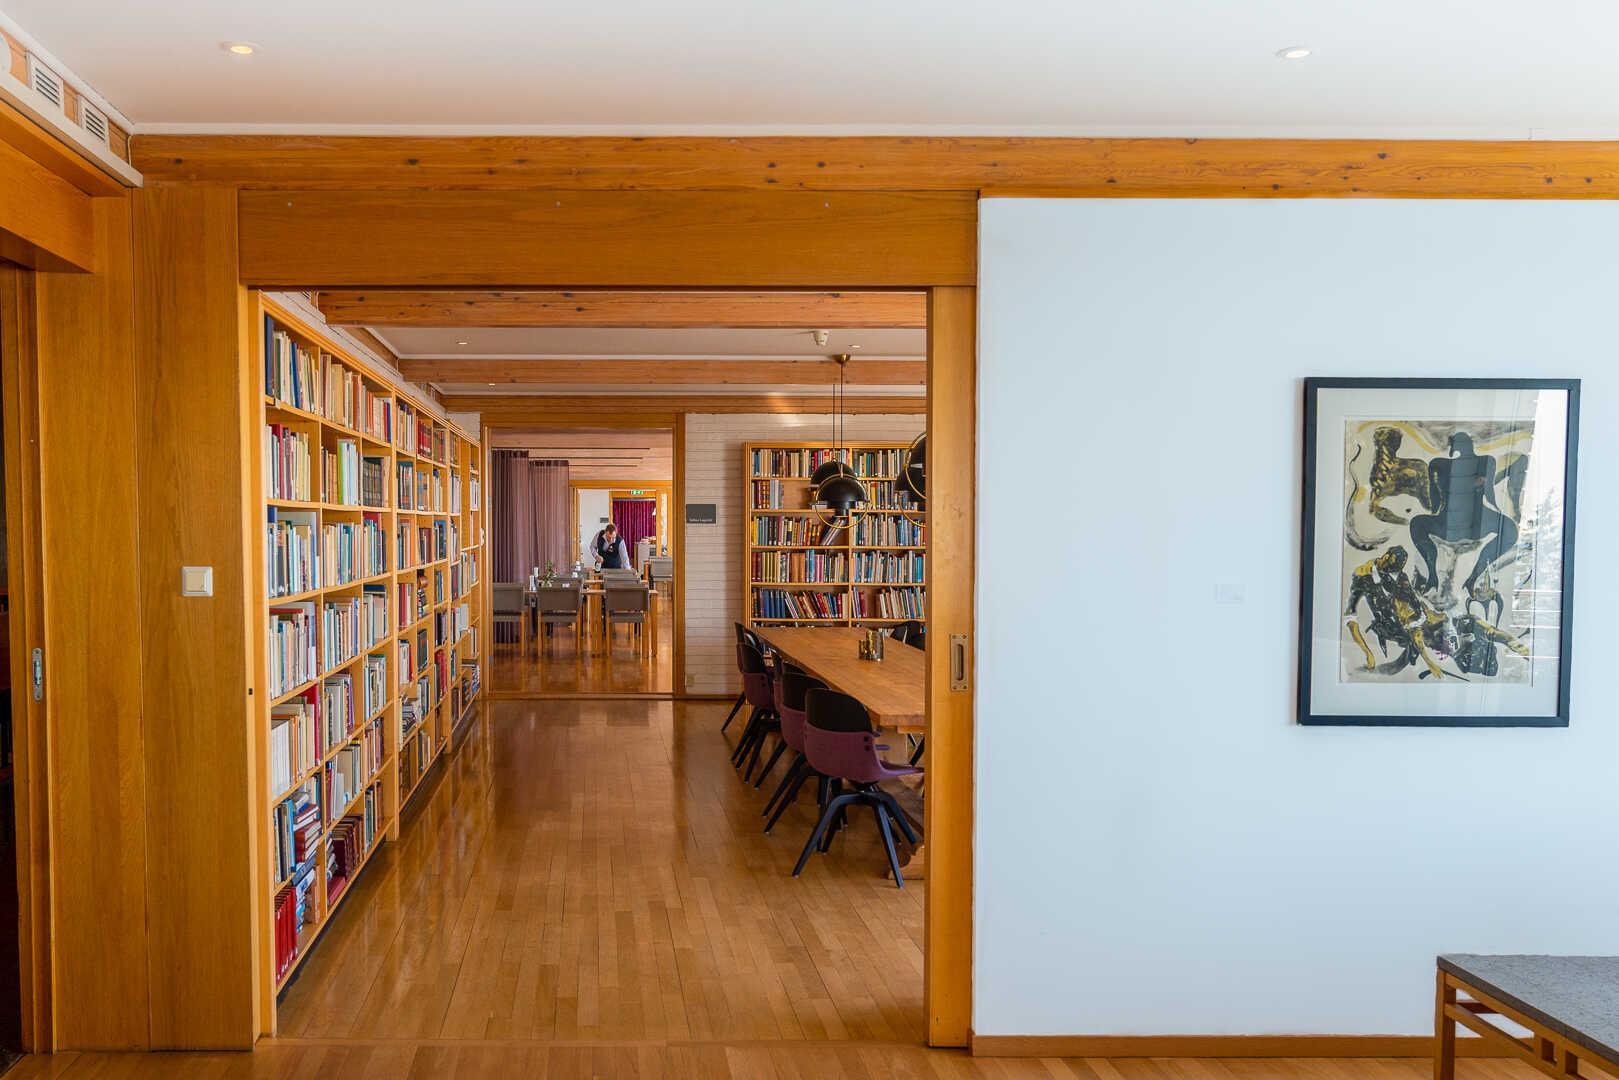 Bøker og bokhyller inne hos Voksenåsen